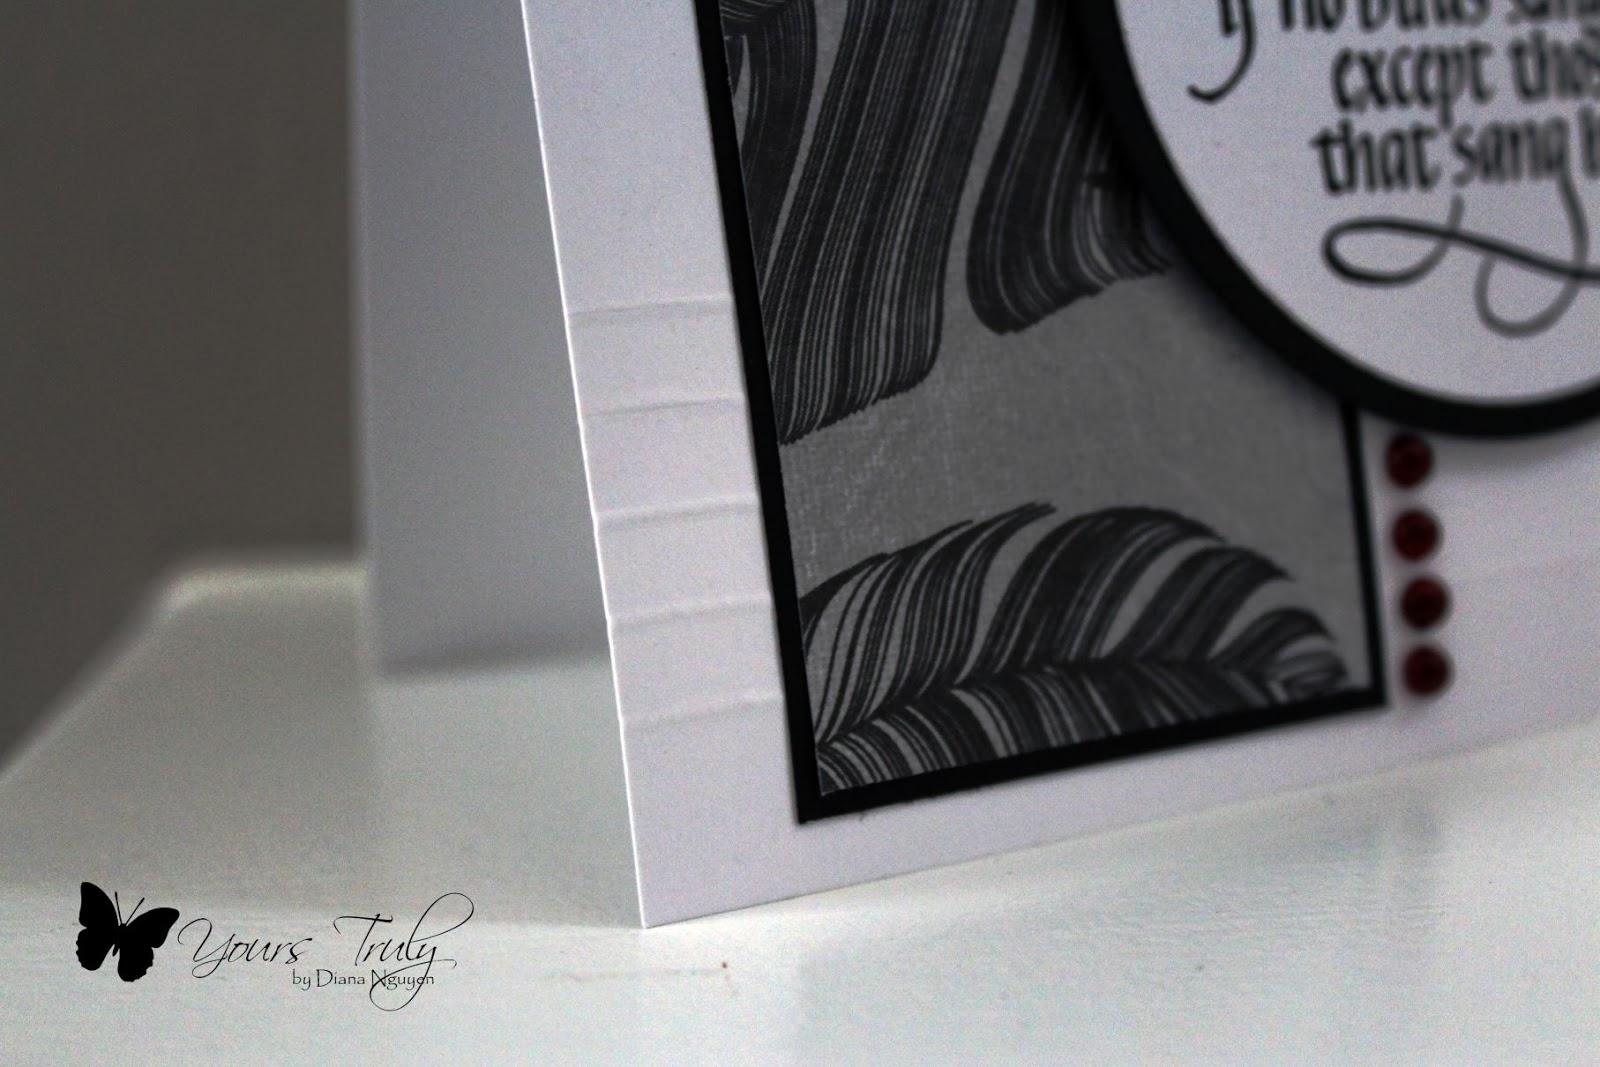 Diana Nguyen, Quiet Fire Designs, handmade cards